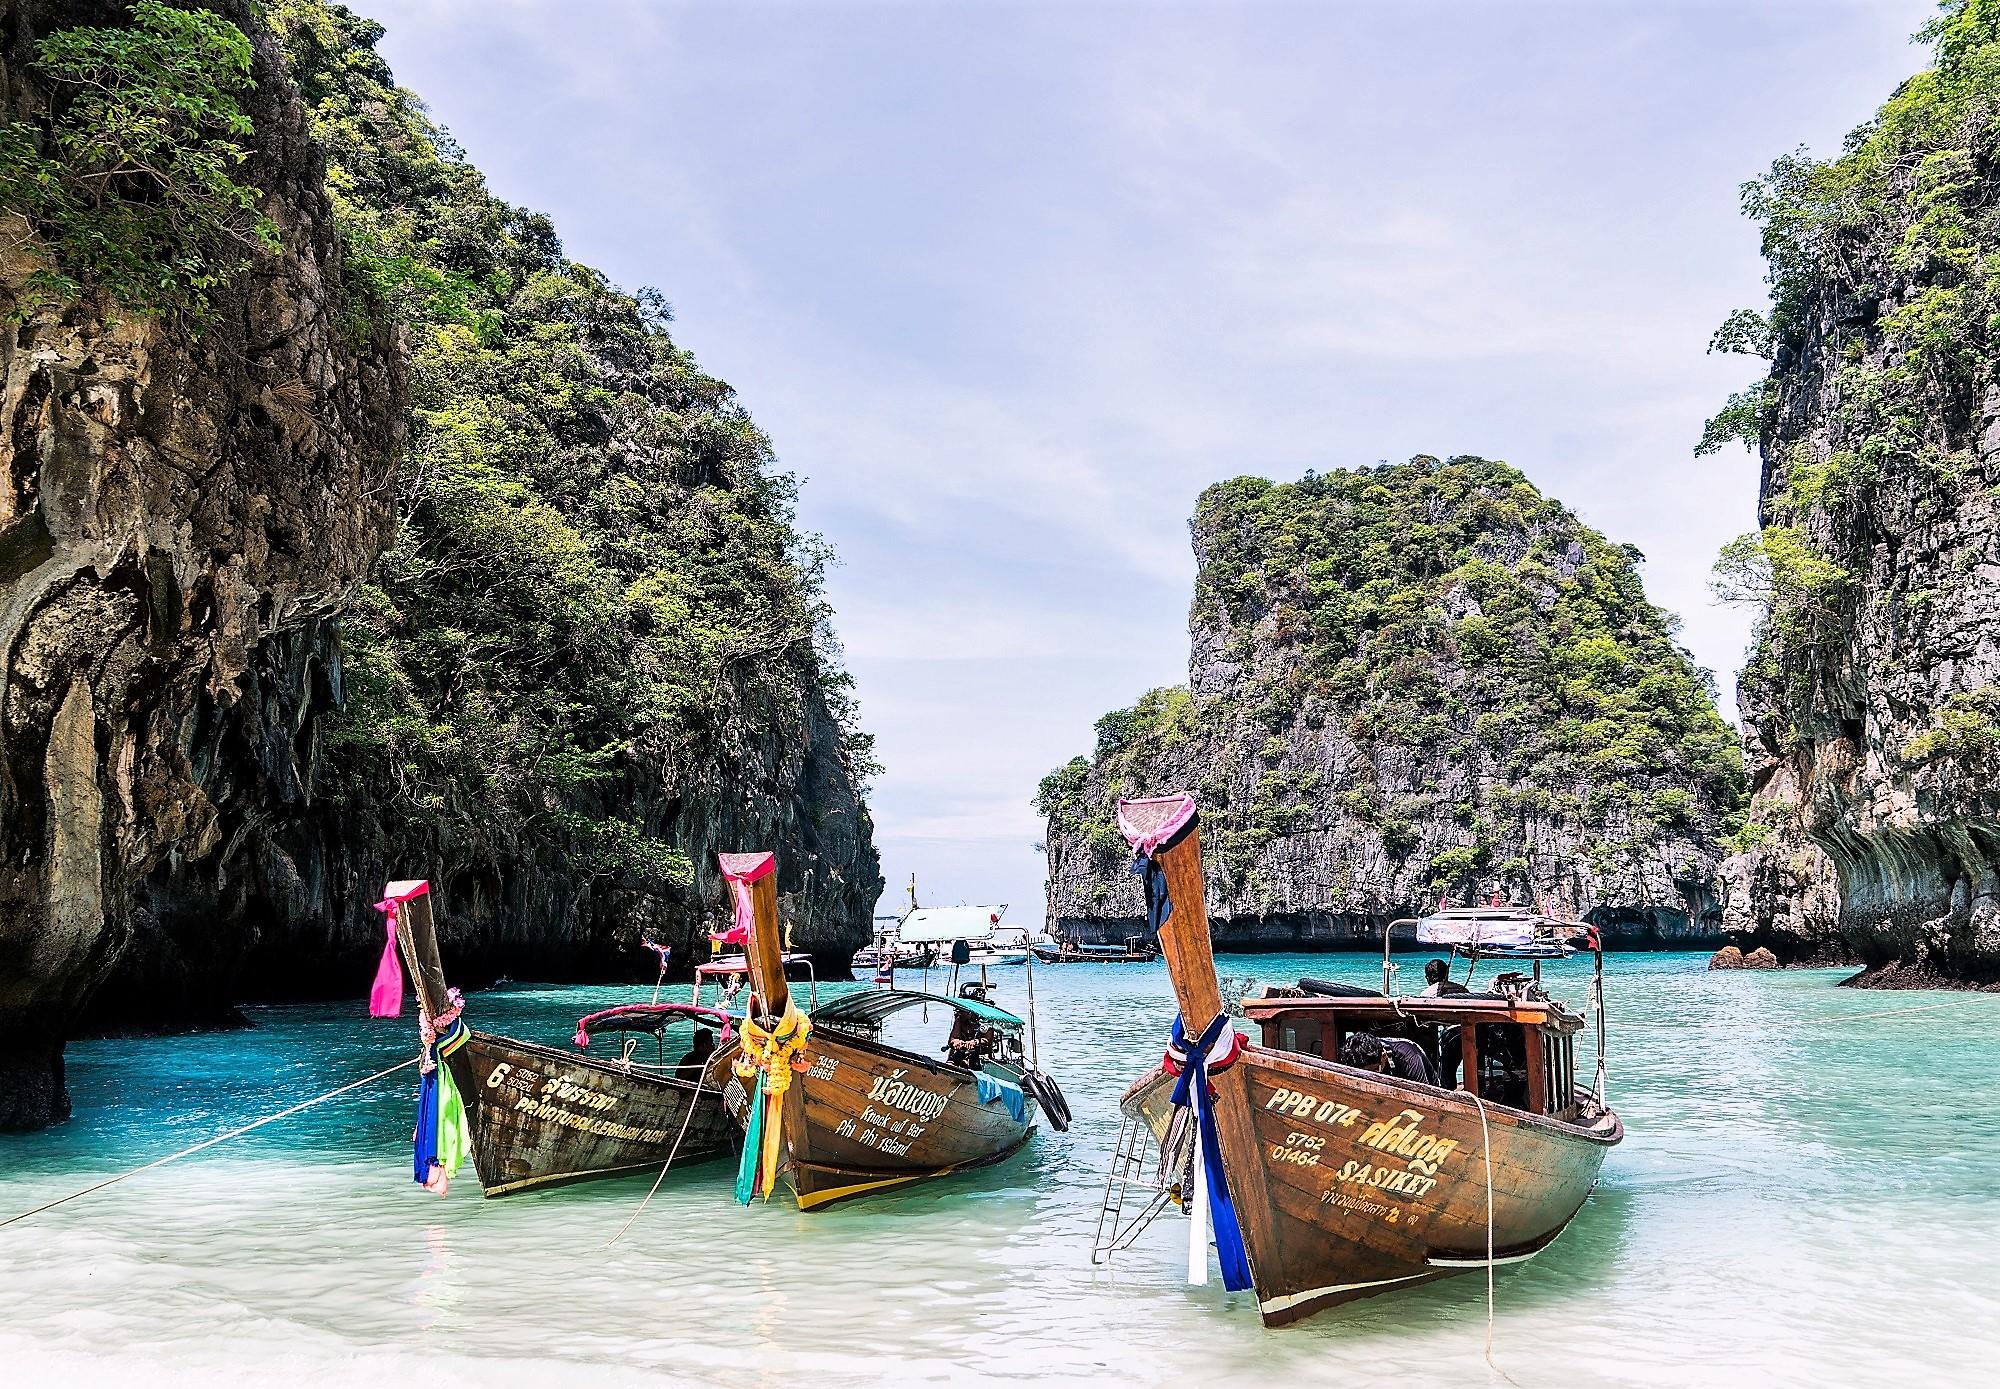 Decouverte De La Thailande Et Ile De Phuket 2021 Voyage Louise Drouin